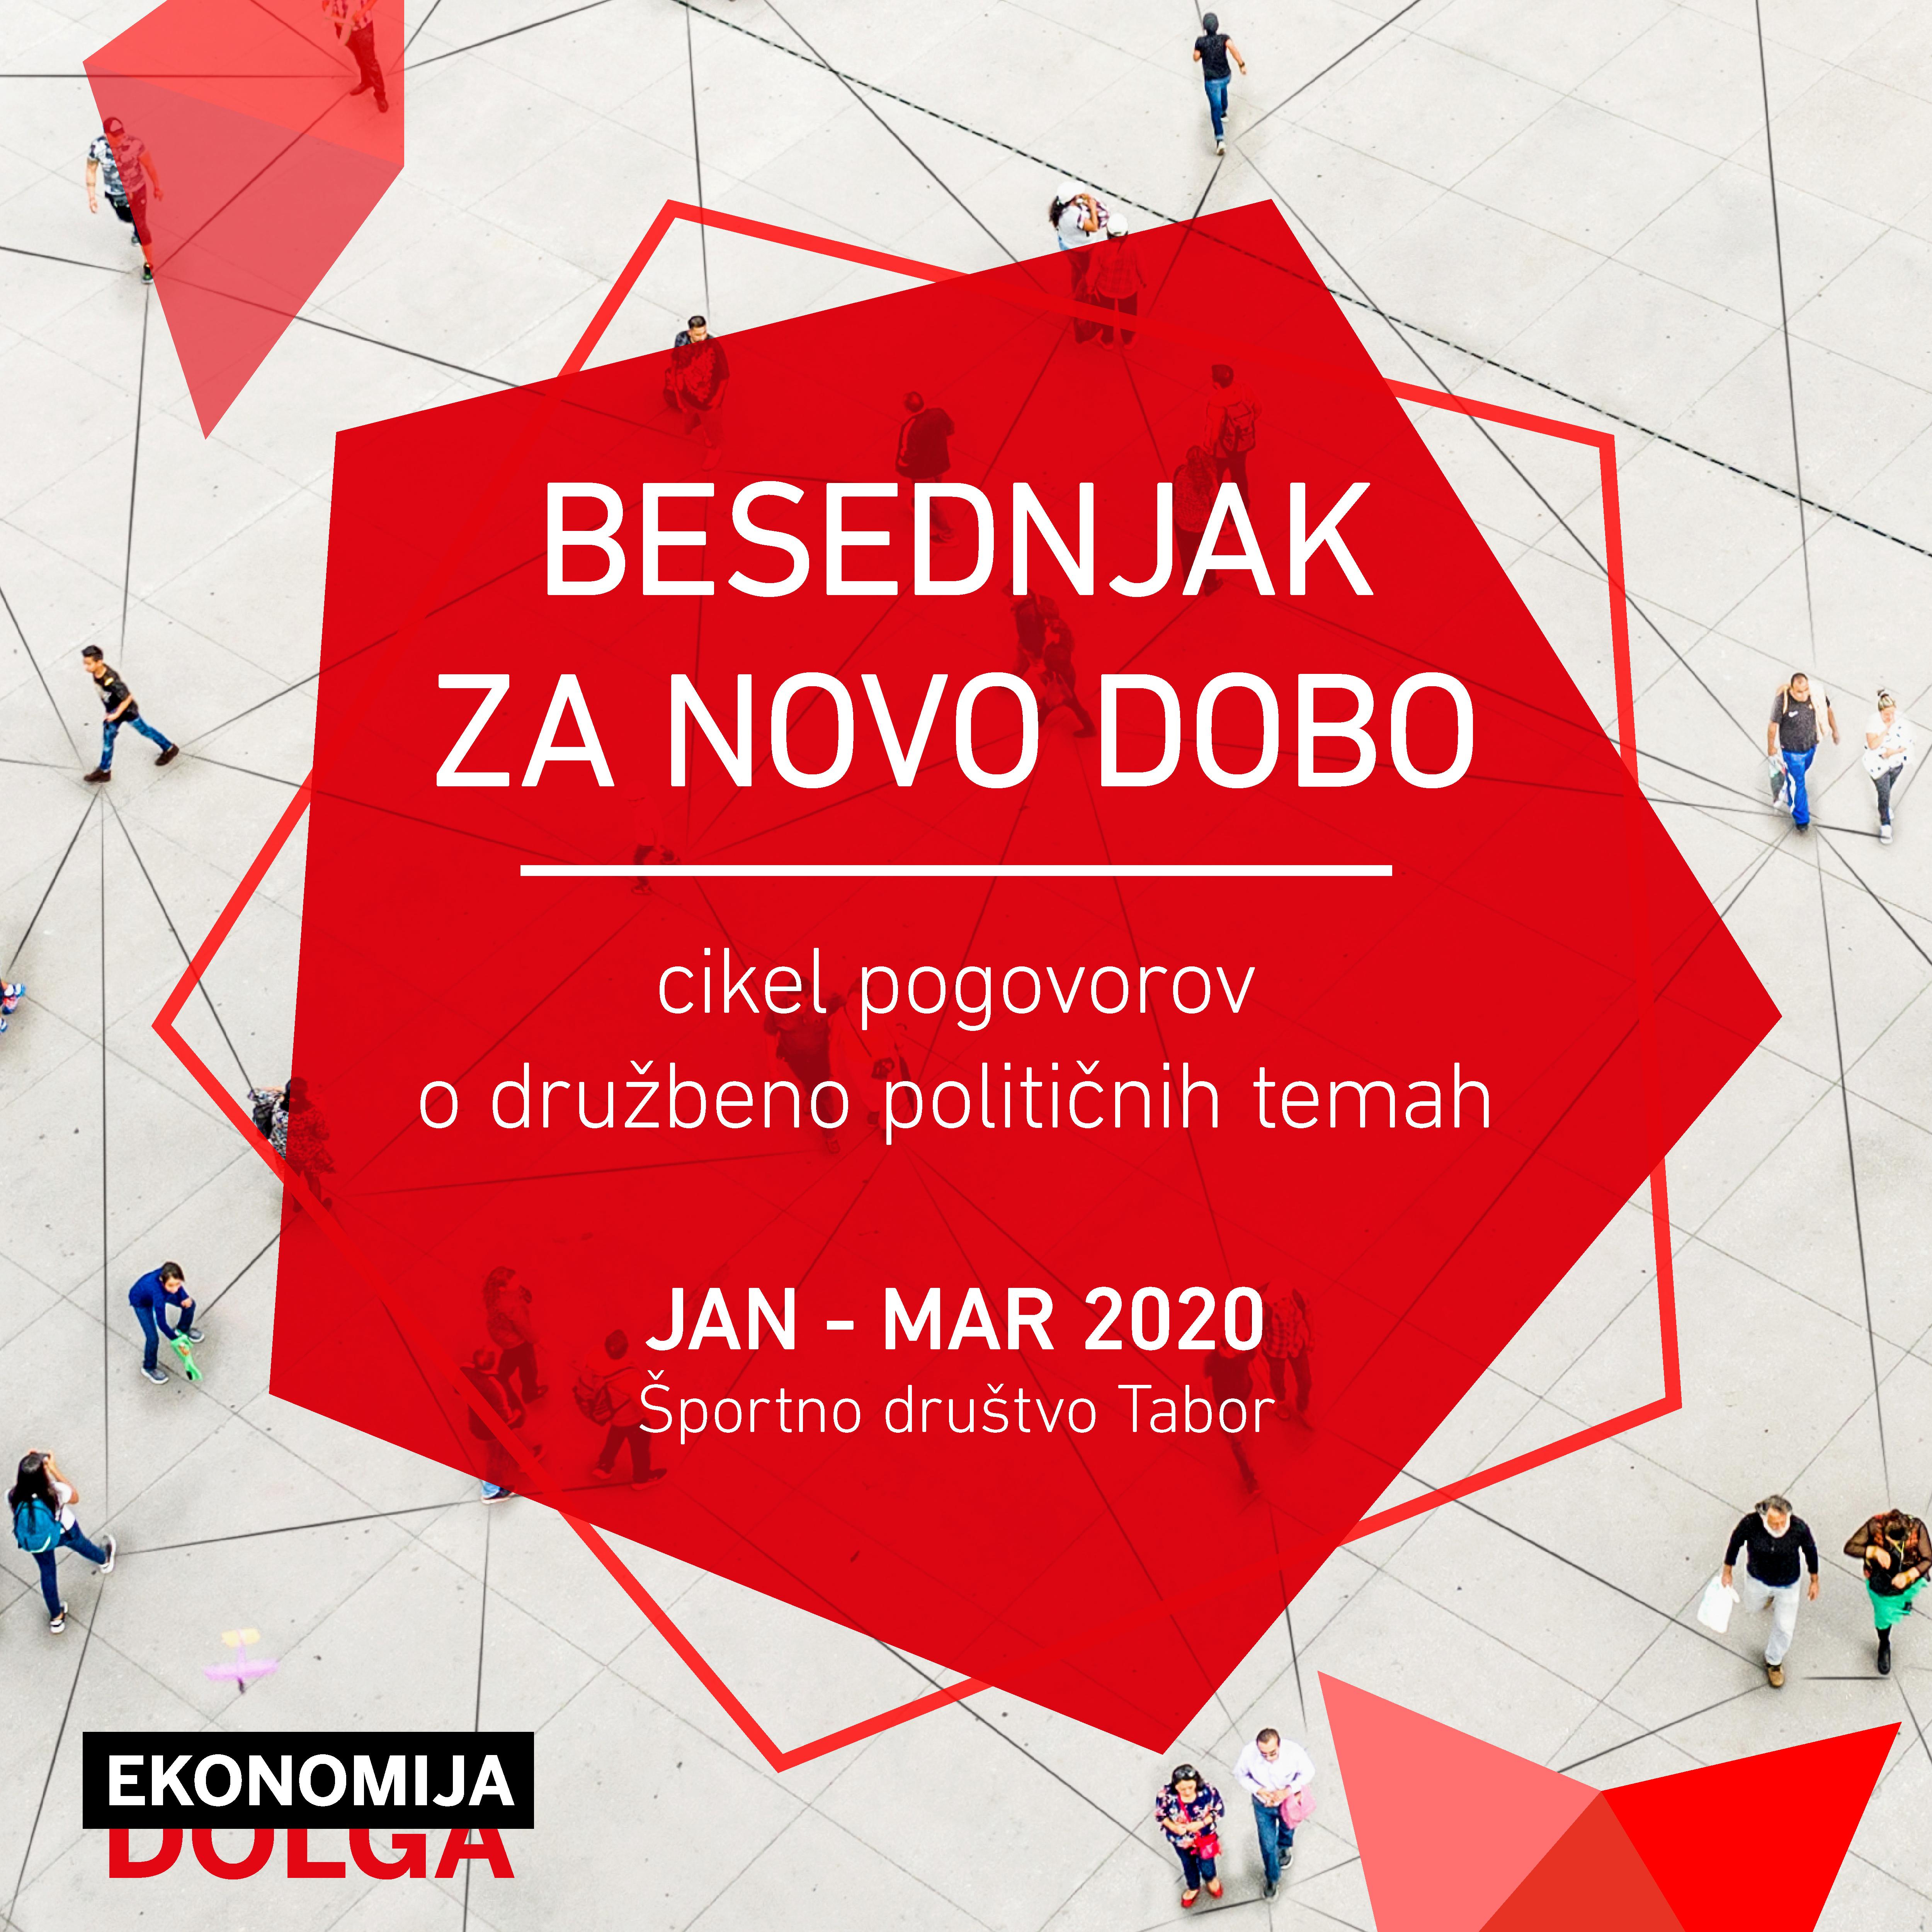 Enabanda - besednjak za novo dobo - osnovni banner - socialna omrežje FB - 1200x1200 - post